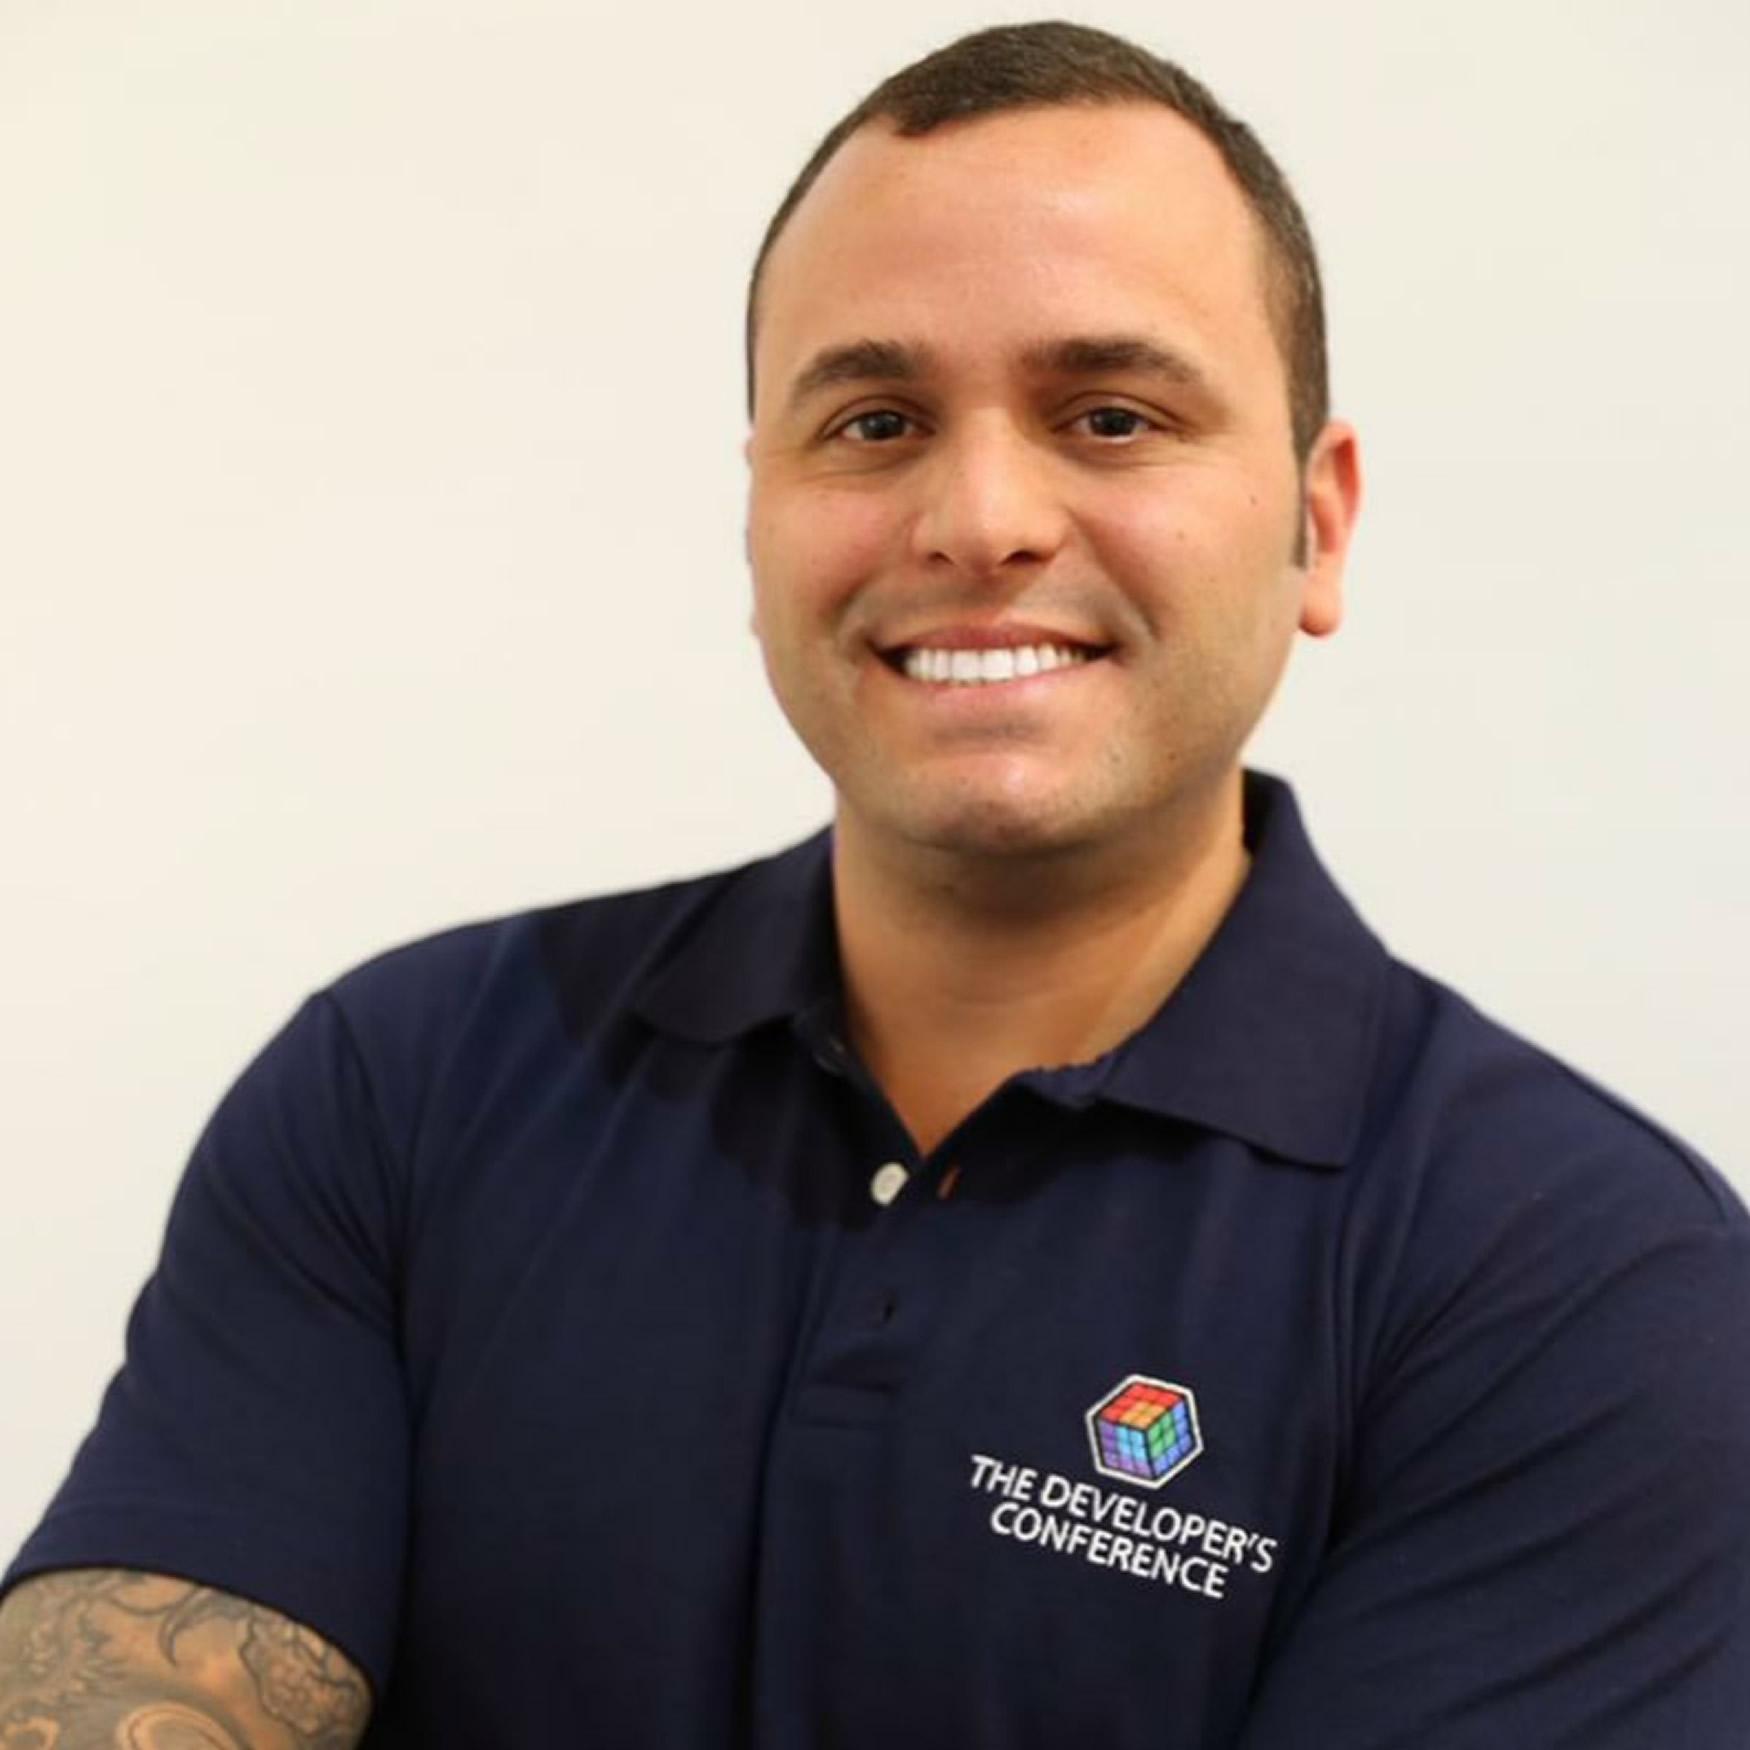 Guilherme Villanova